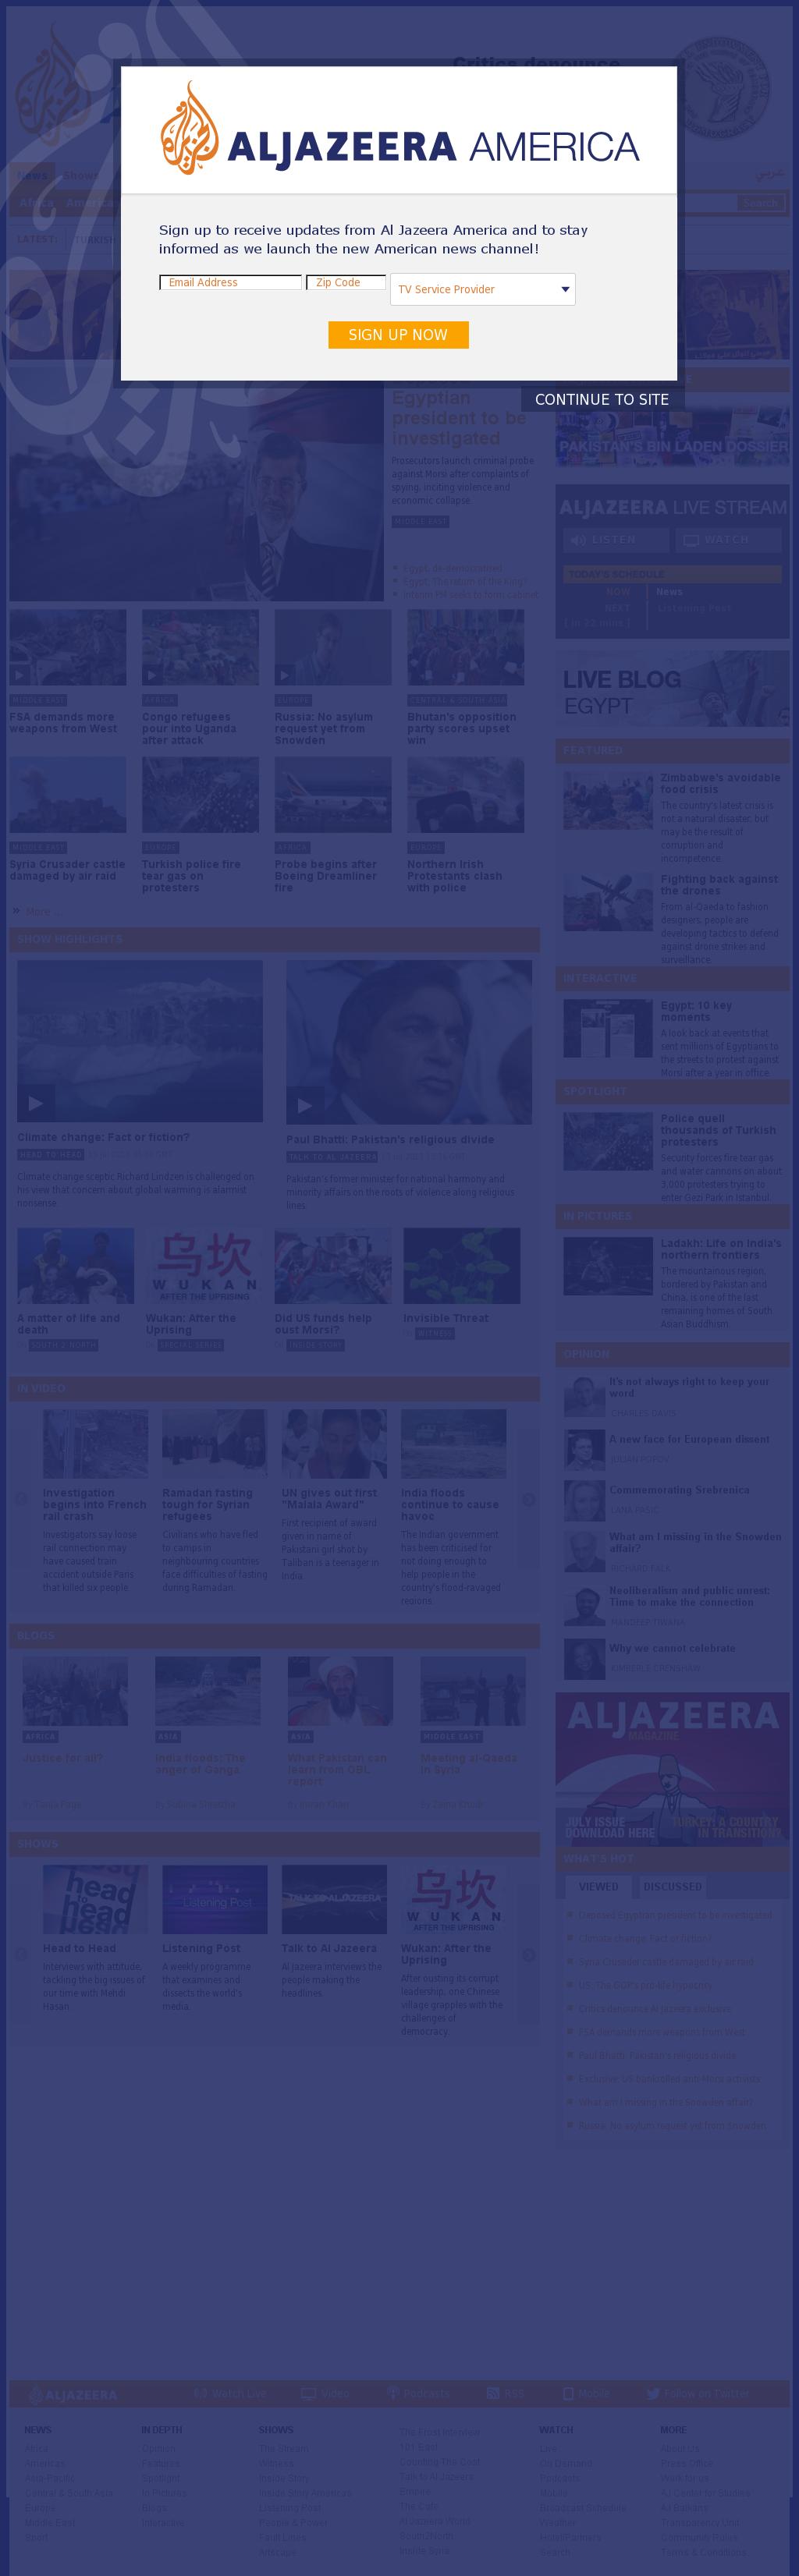 Al Jazeera (English) at Saturday July 13, 2013, 7:09 p.m. UTC